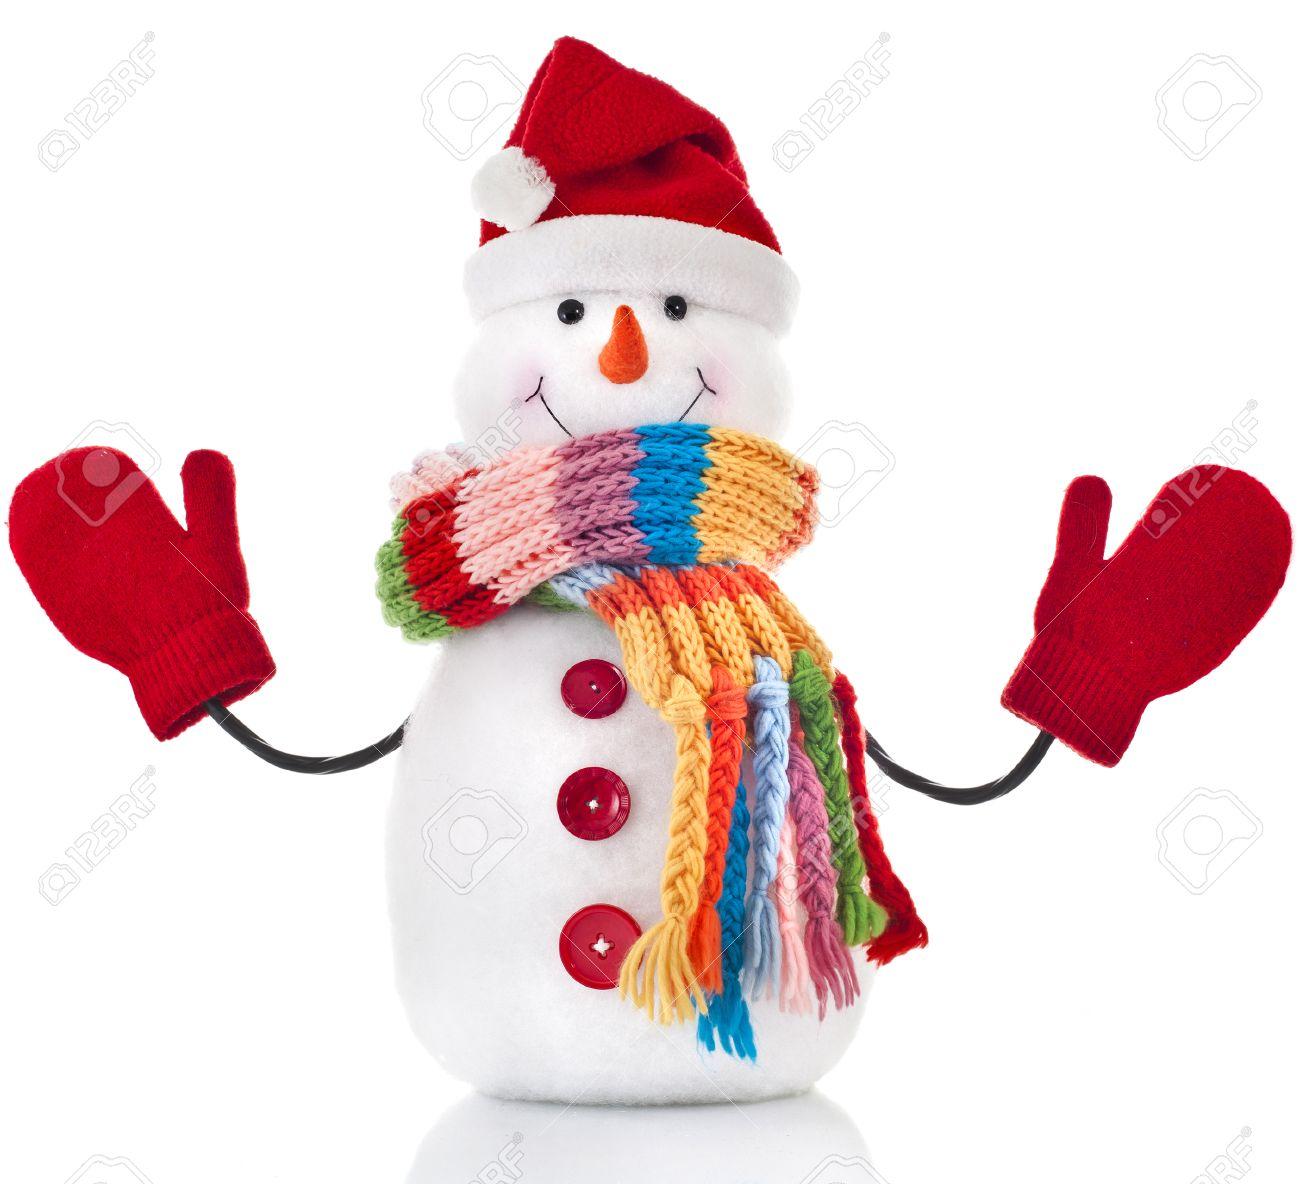 mueco de nieve de la navidad con la bufanda de rayas de colores y